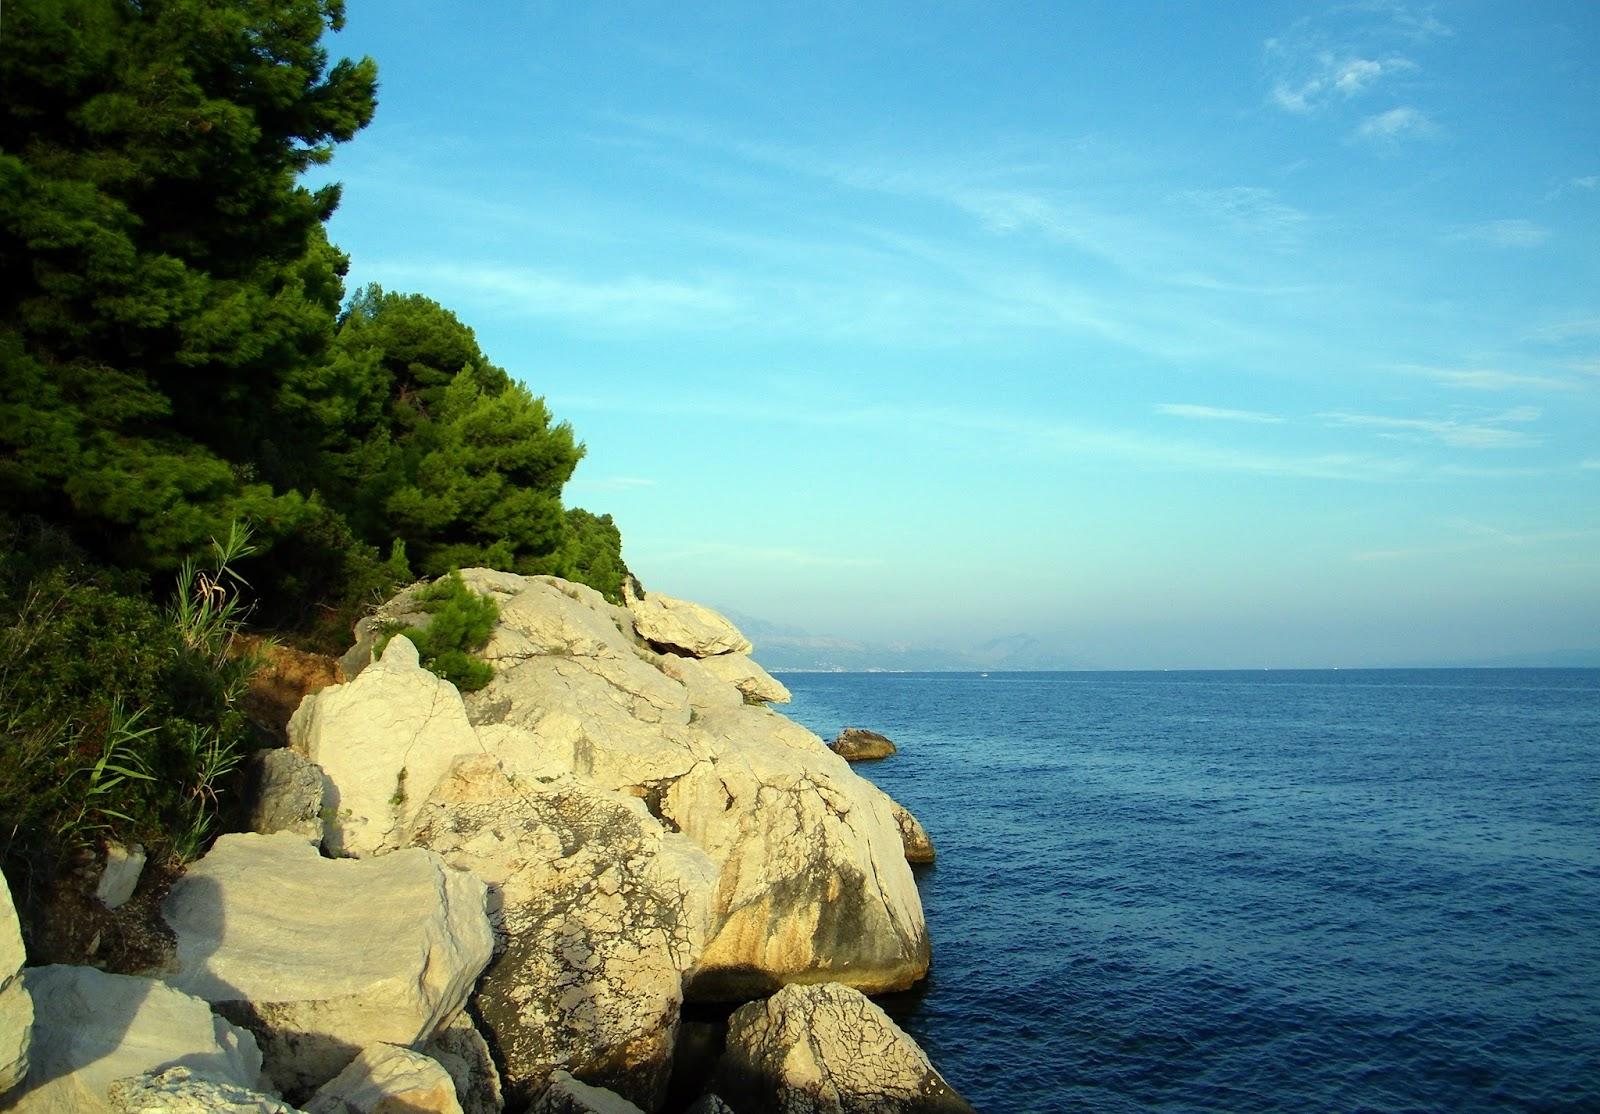 Chorwacja Klify & Otok Čiovo